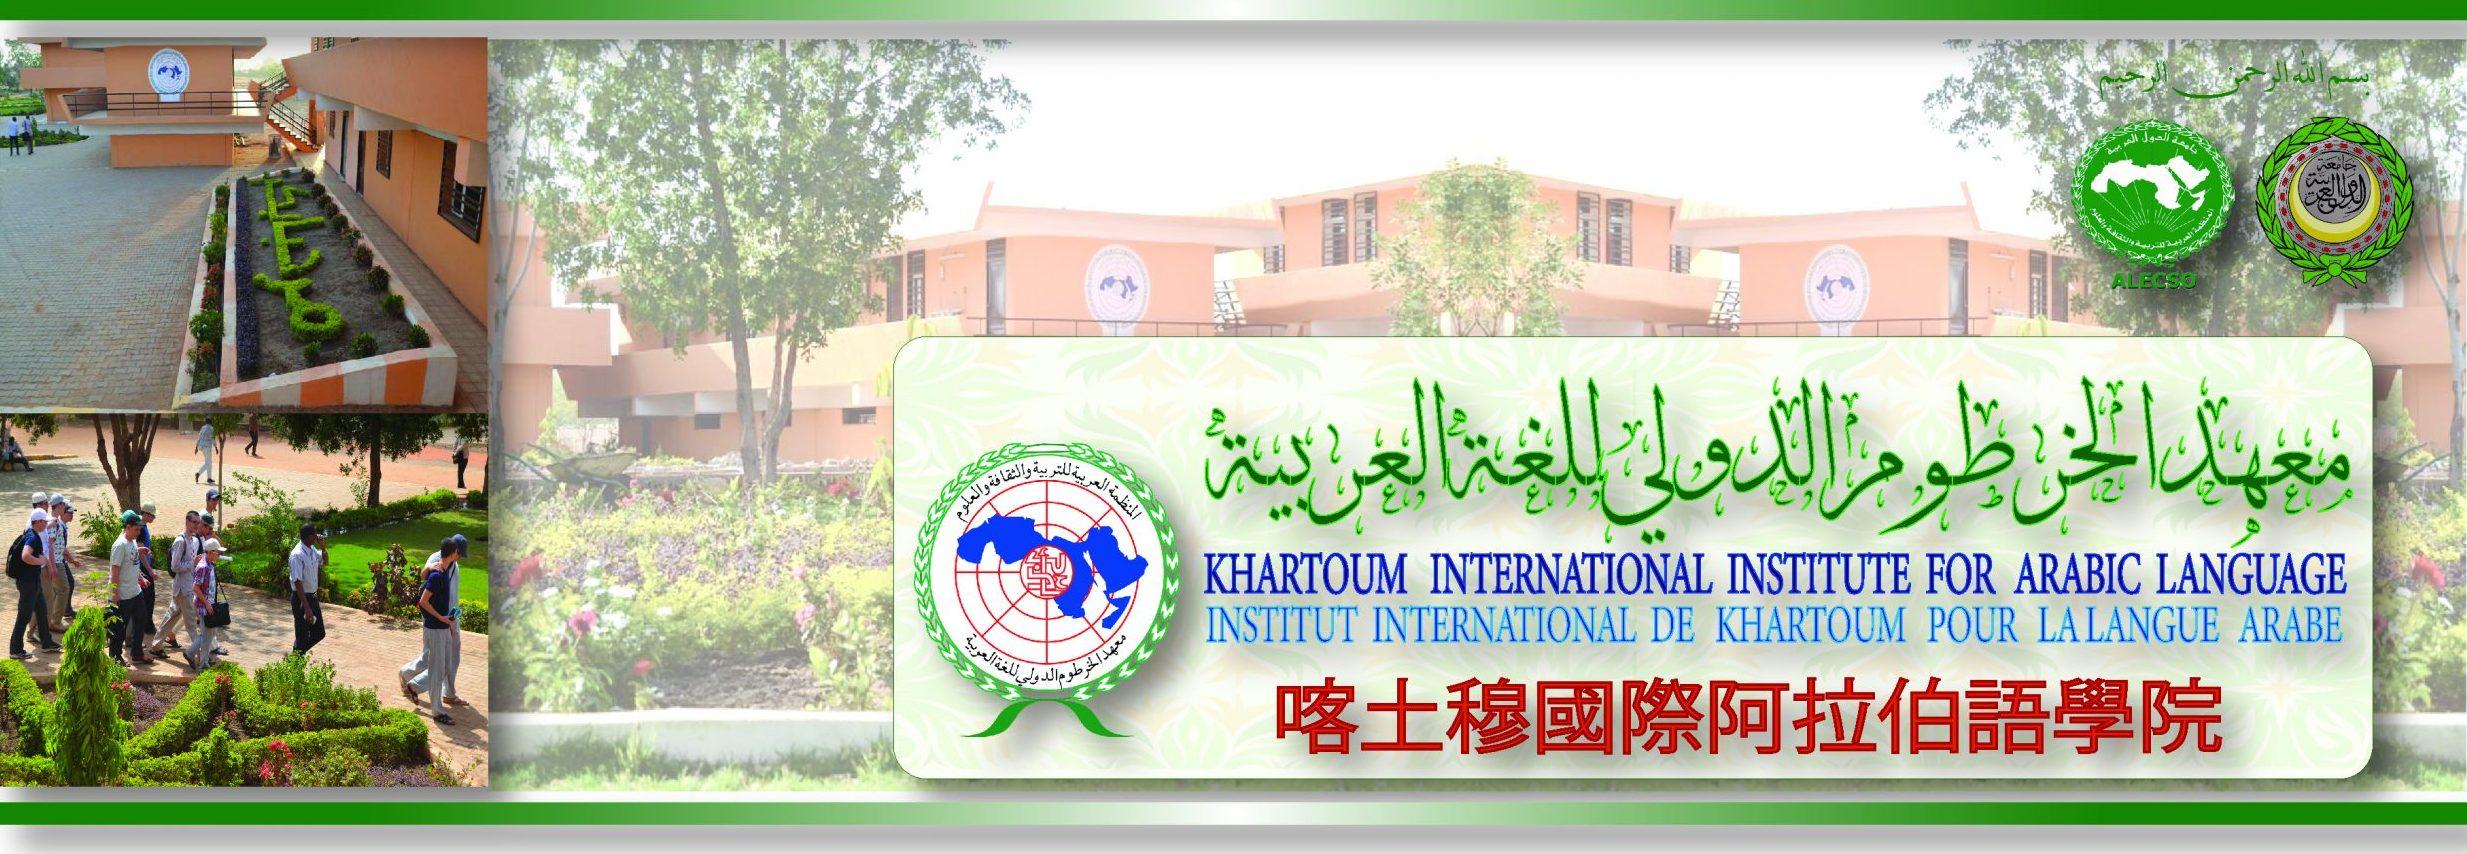 معهد الخرطوم الدولي للغة العربية